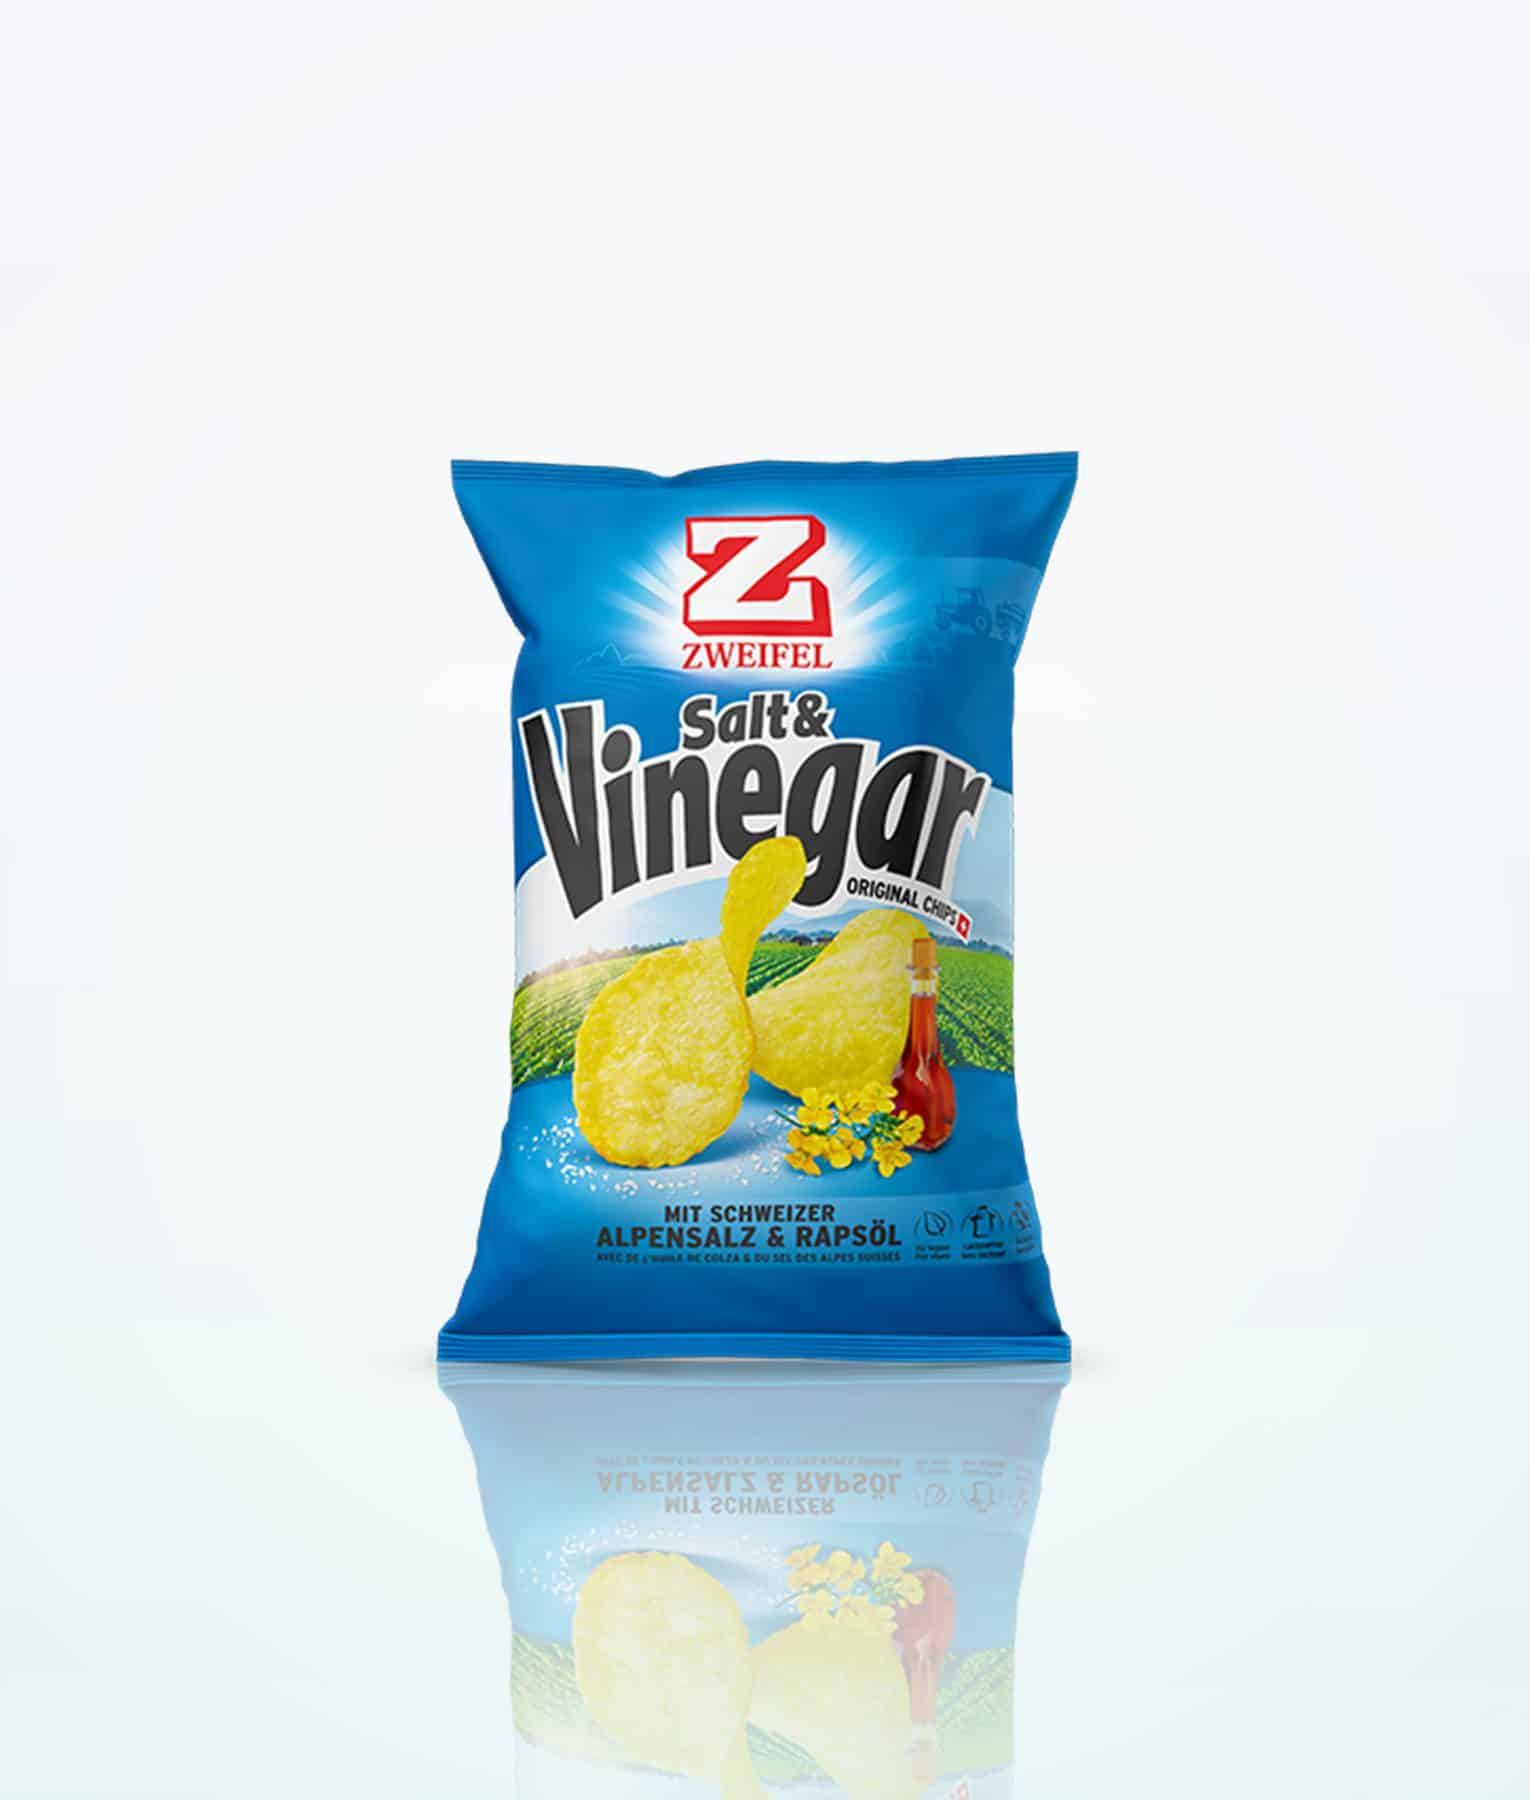 zweifel-original-chips-salt-vinegar